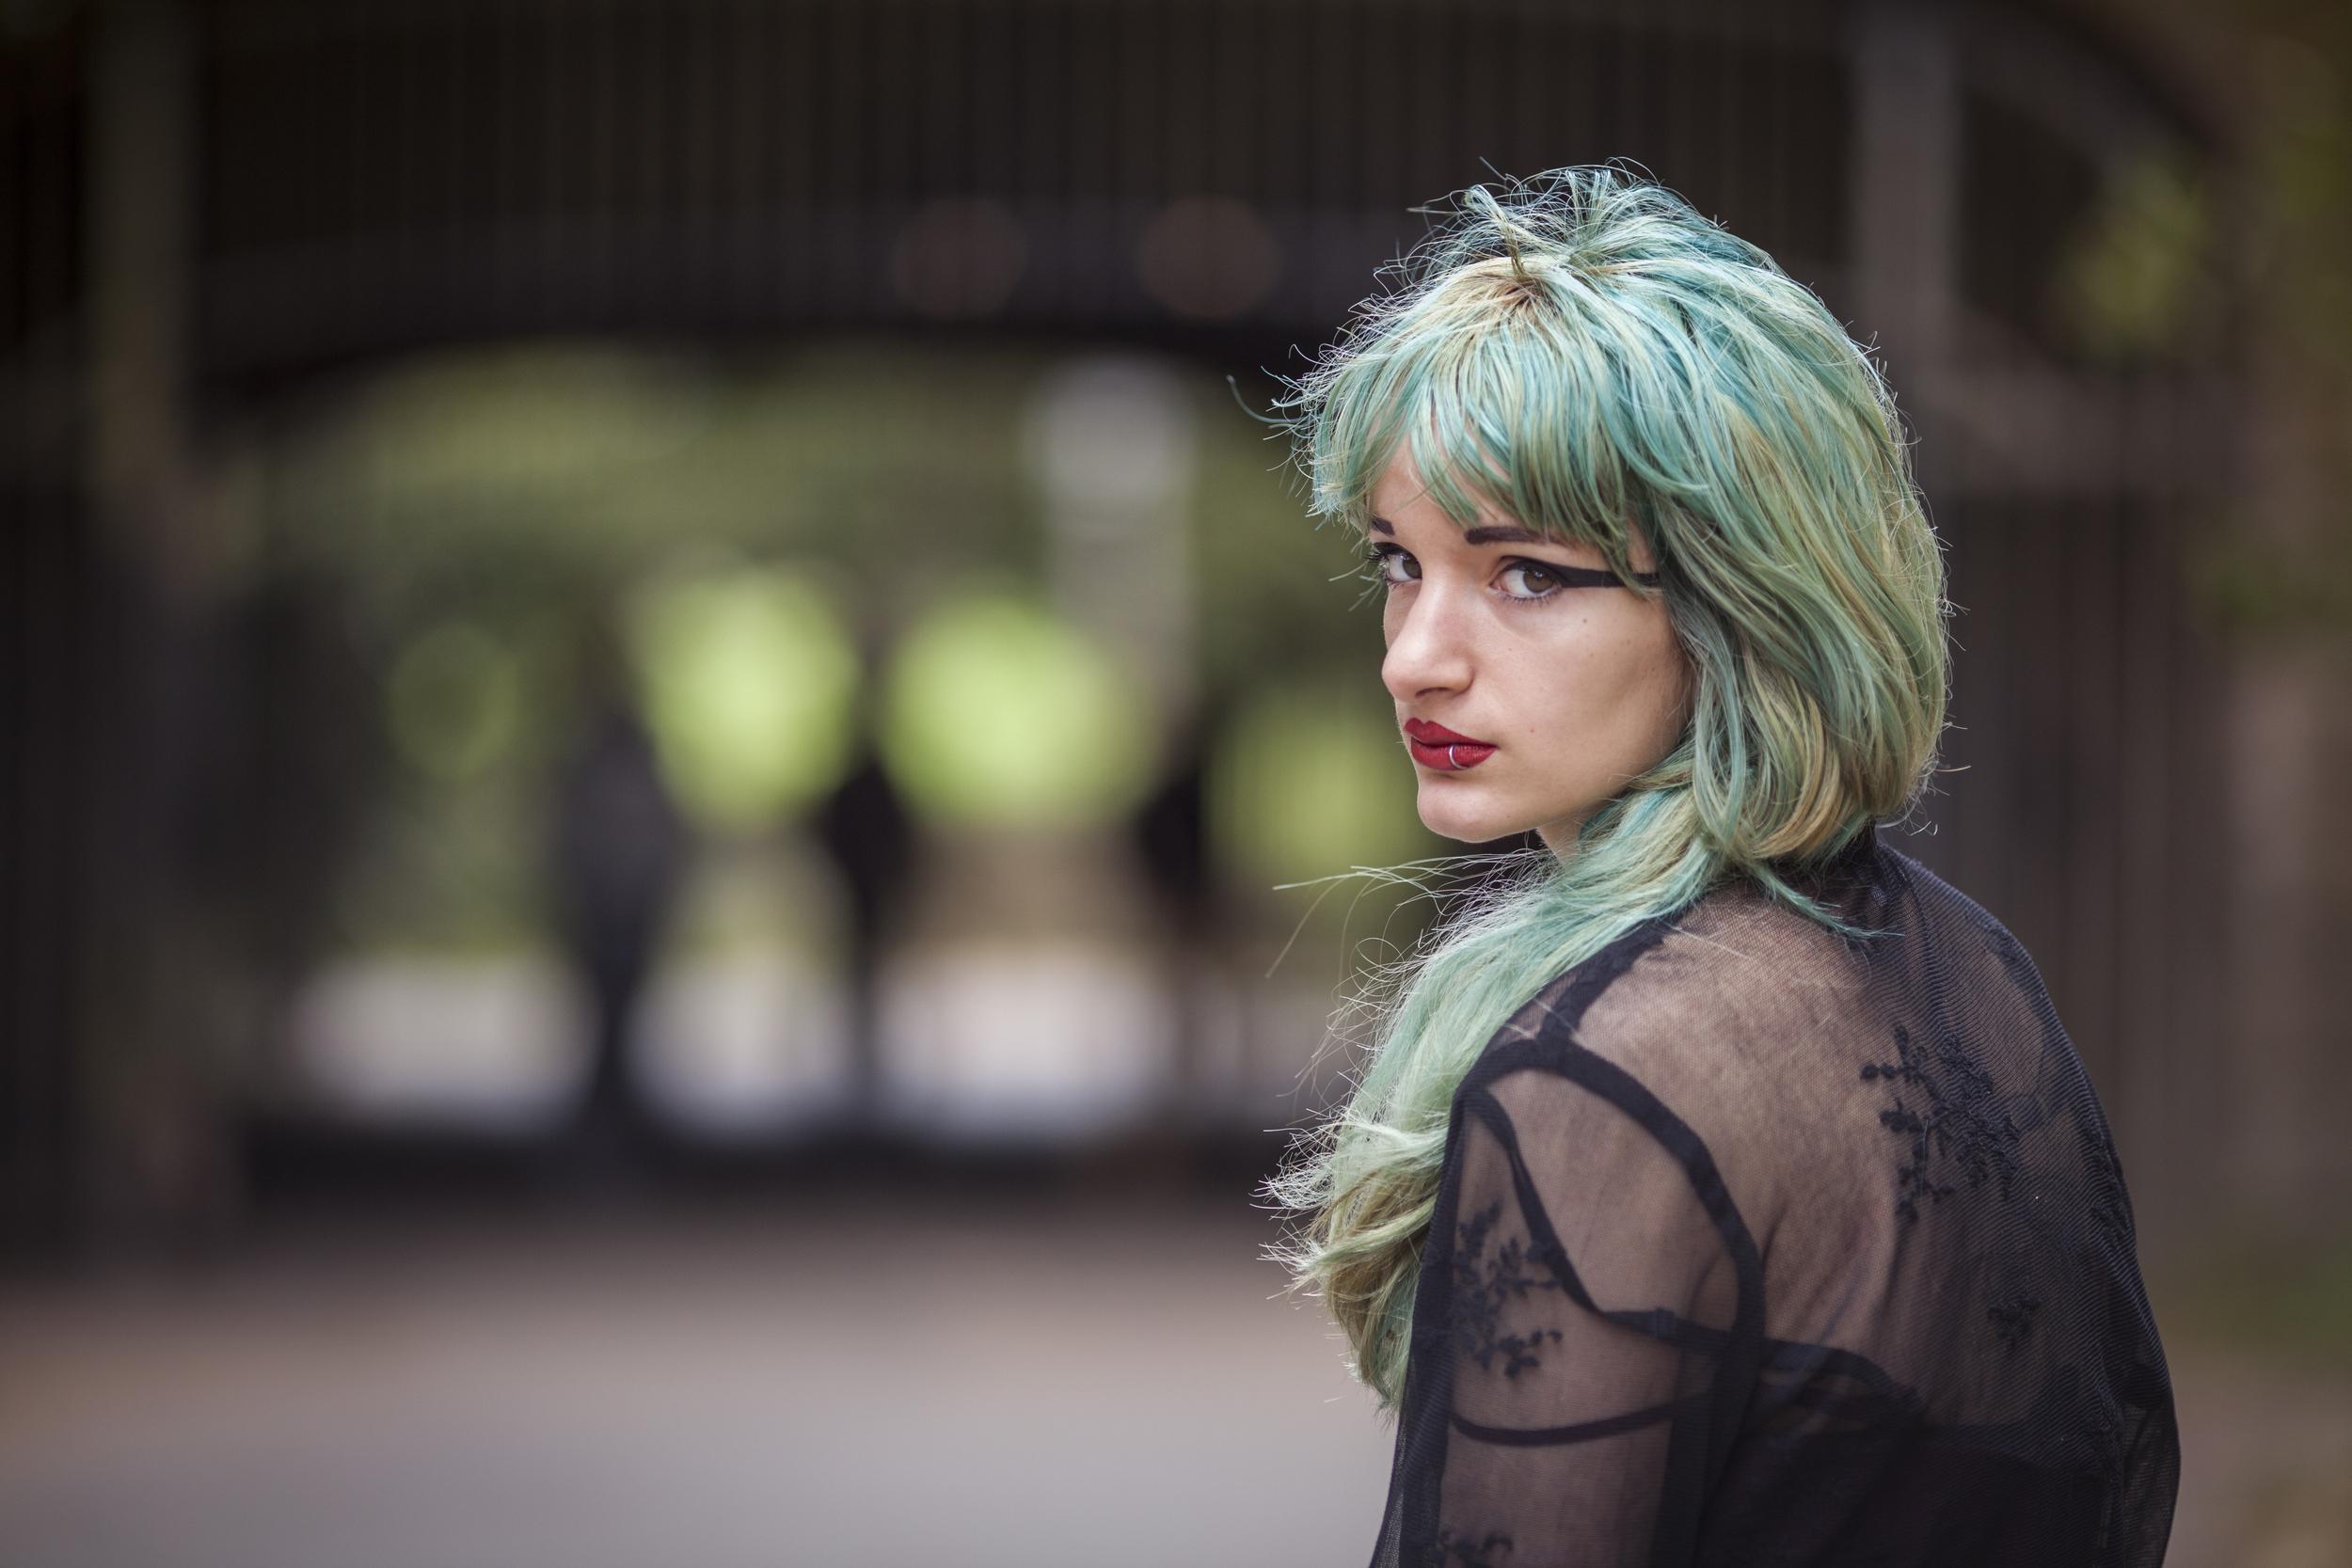 Apple - former homeless teen